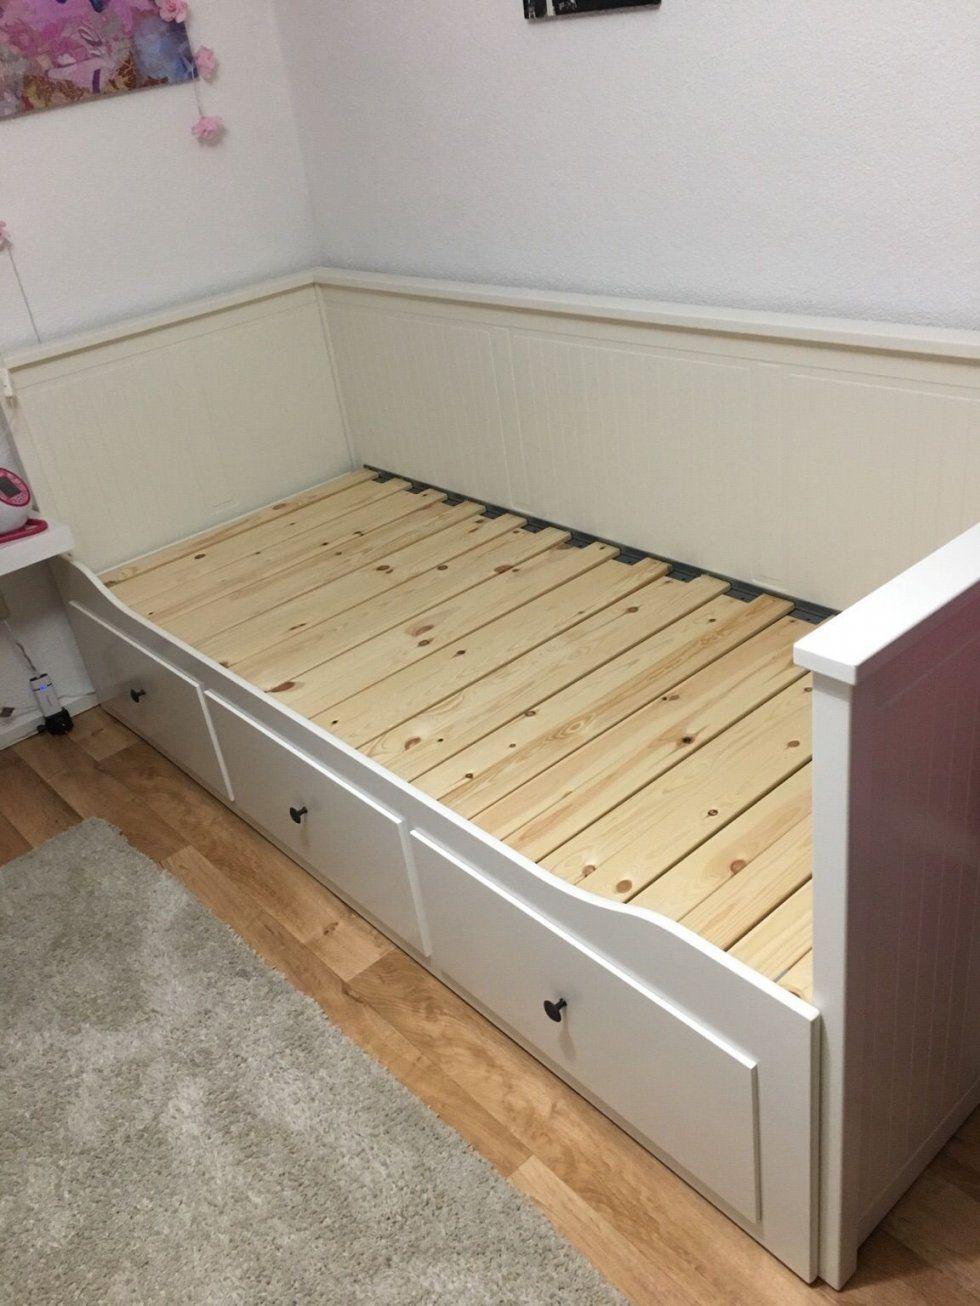 Majestic Design Ikea Tagesbett Hemnes Gebraucht Mit 3 Schubladen In von Ikea Hemnes Tagesbett Bewertung Photo